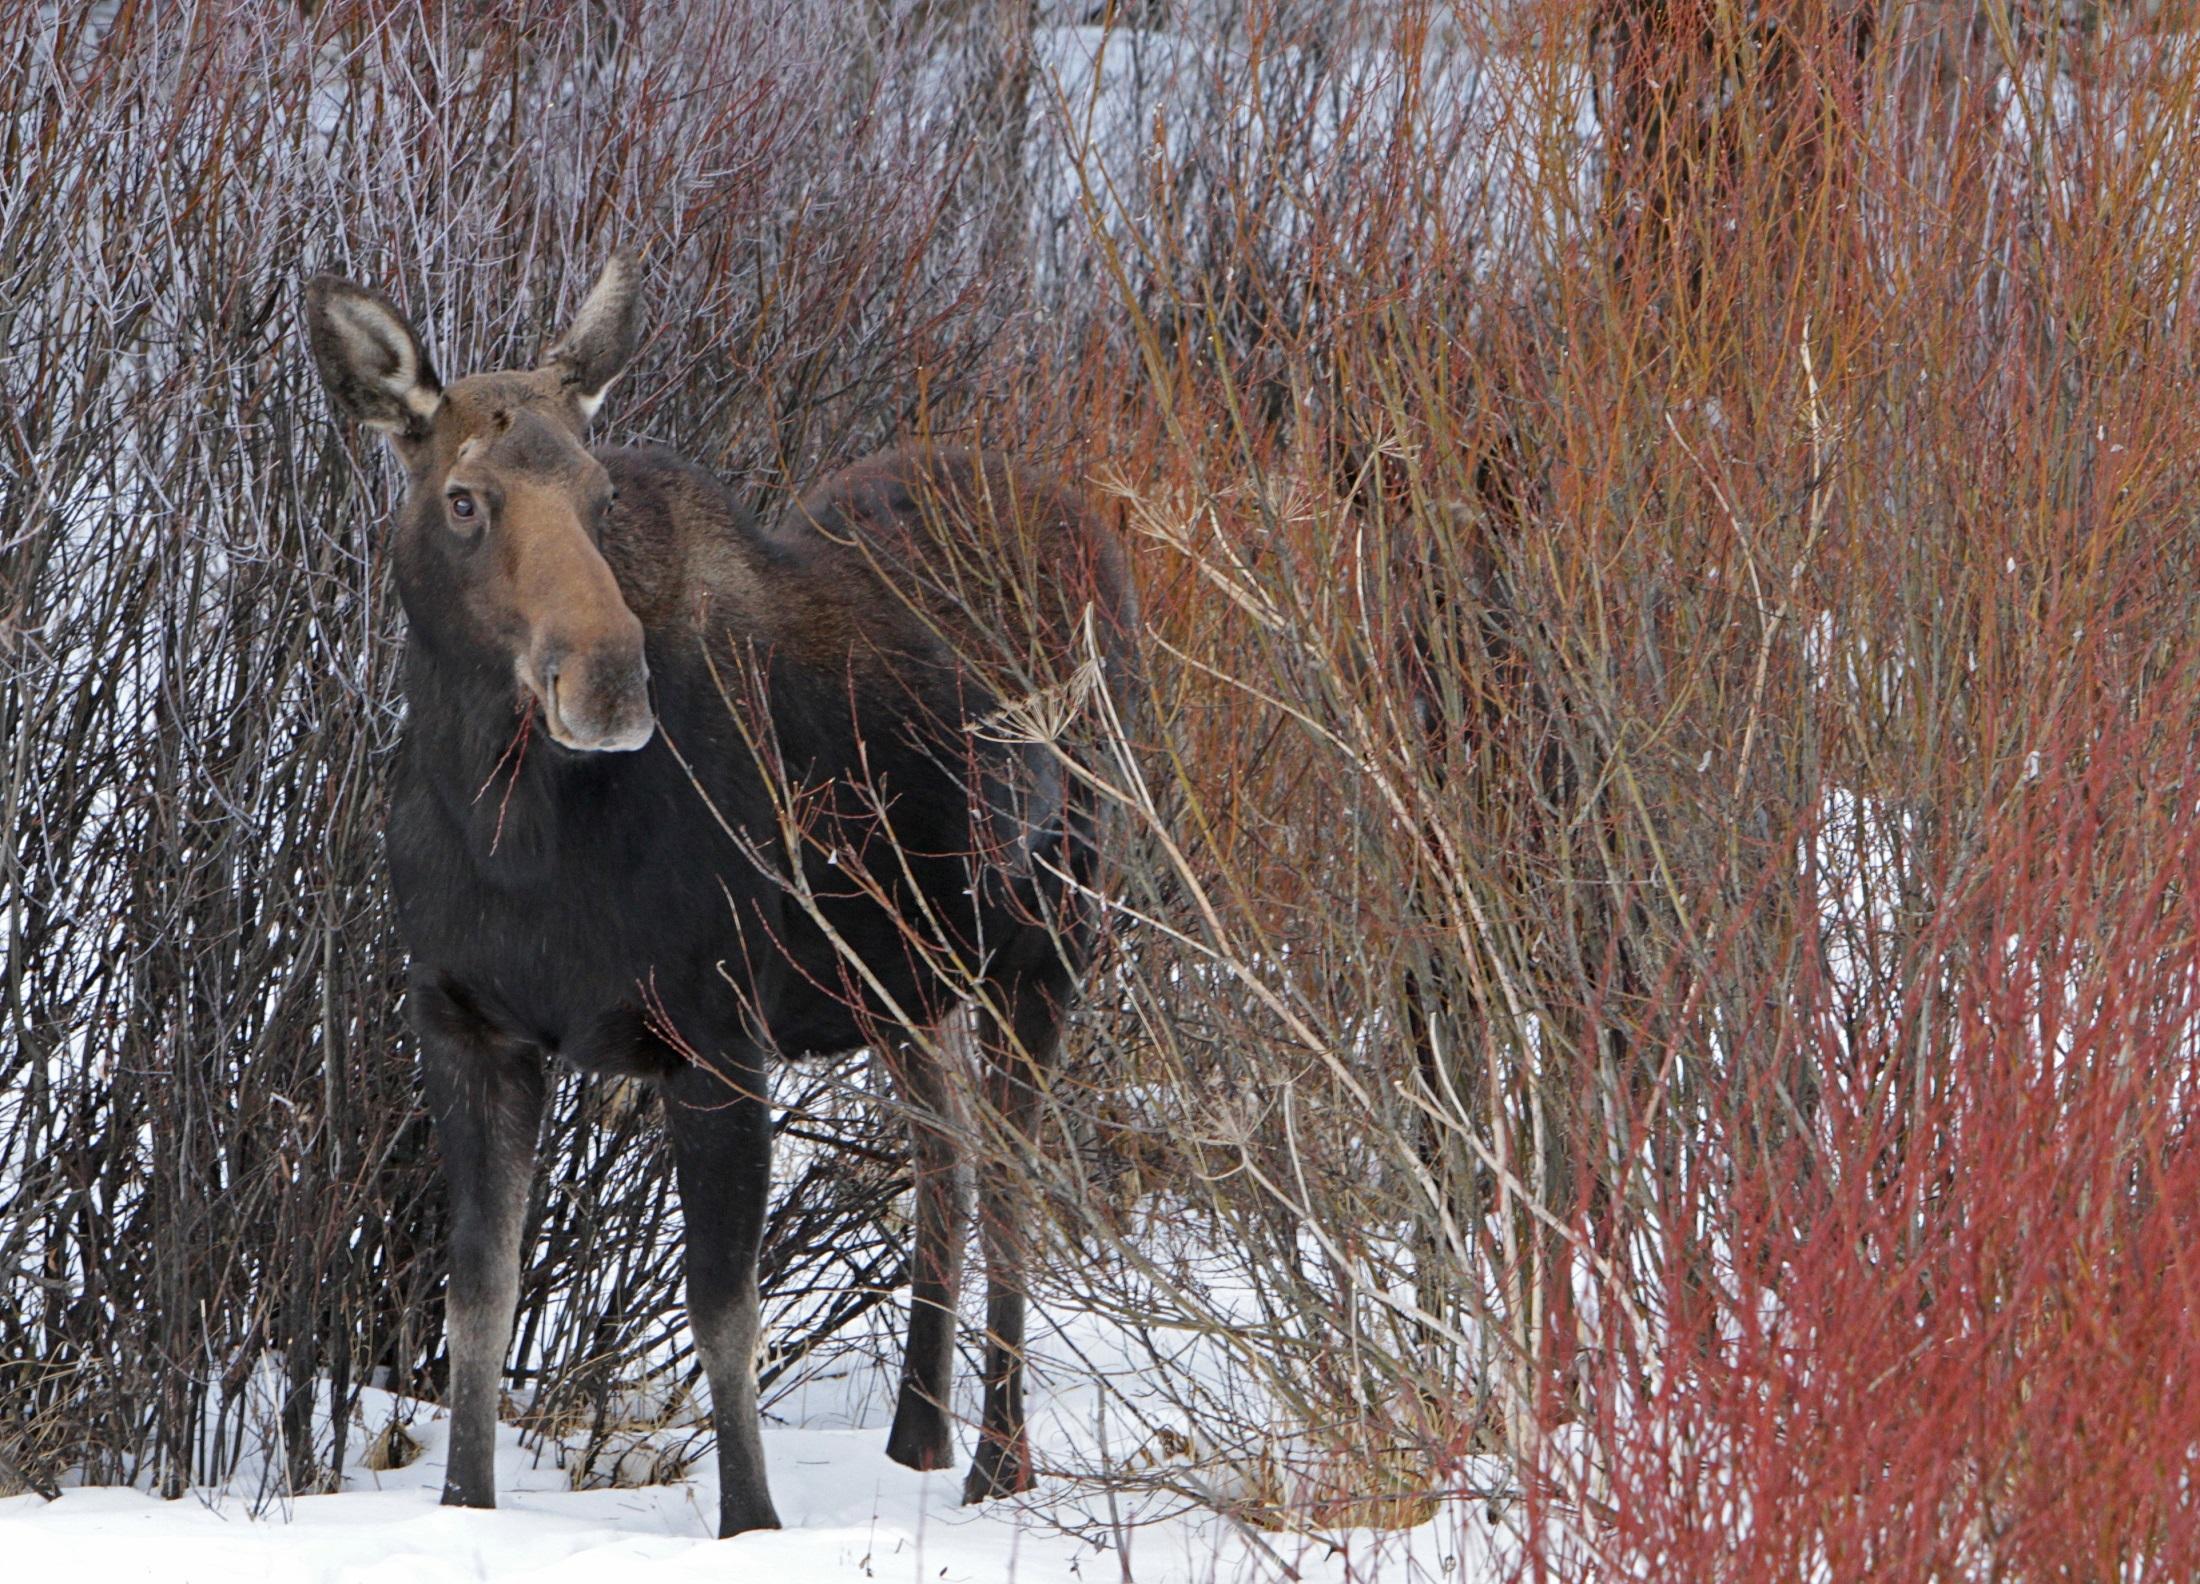 Wild moose photo